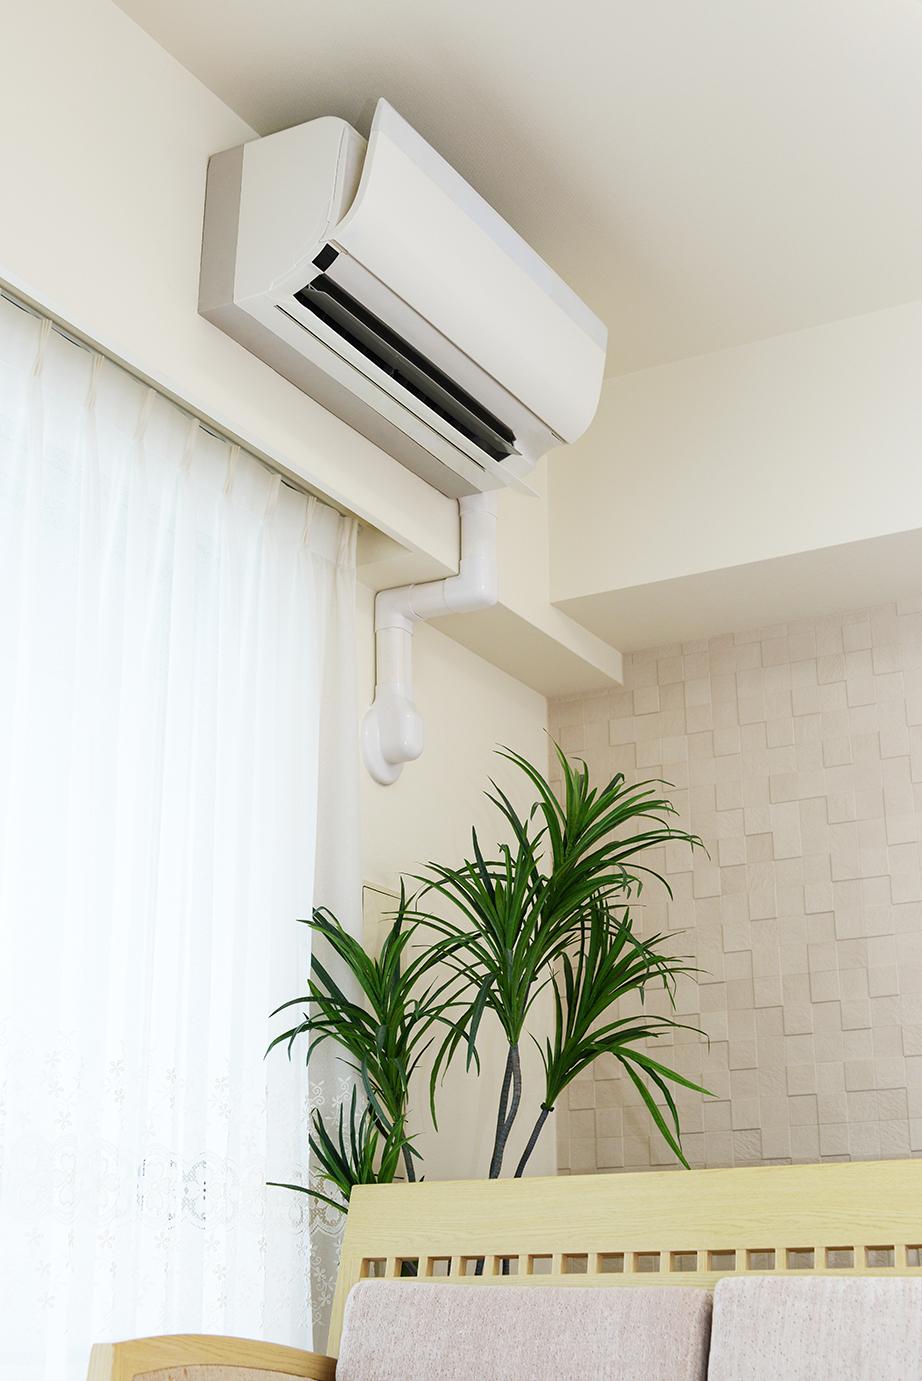 Φροντίστε για τη σωστή κατεύθυνση των πτερυγίων αέρος του κλιματιστικού.